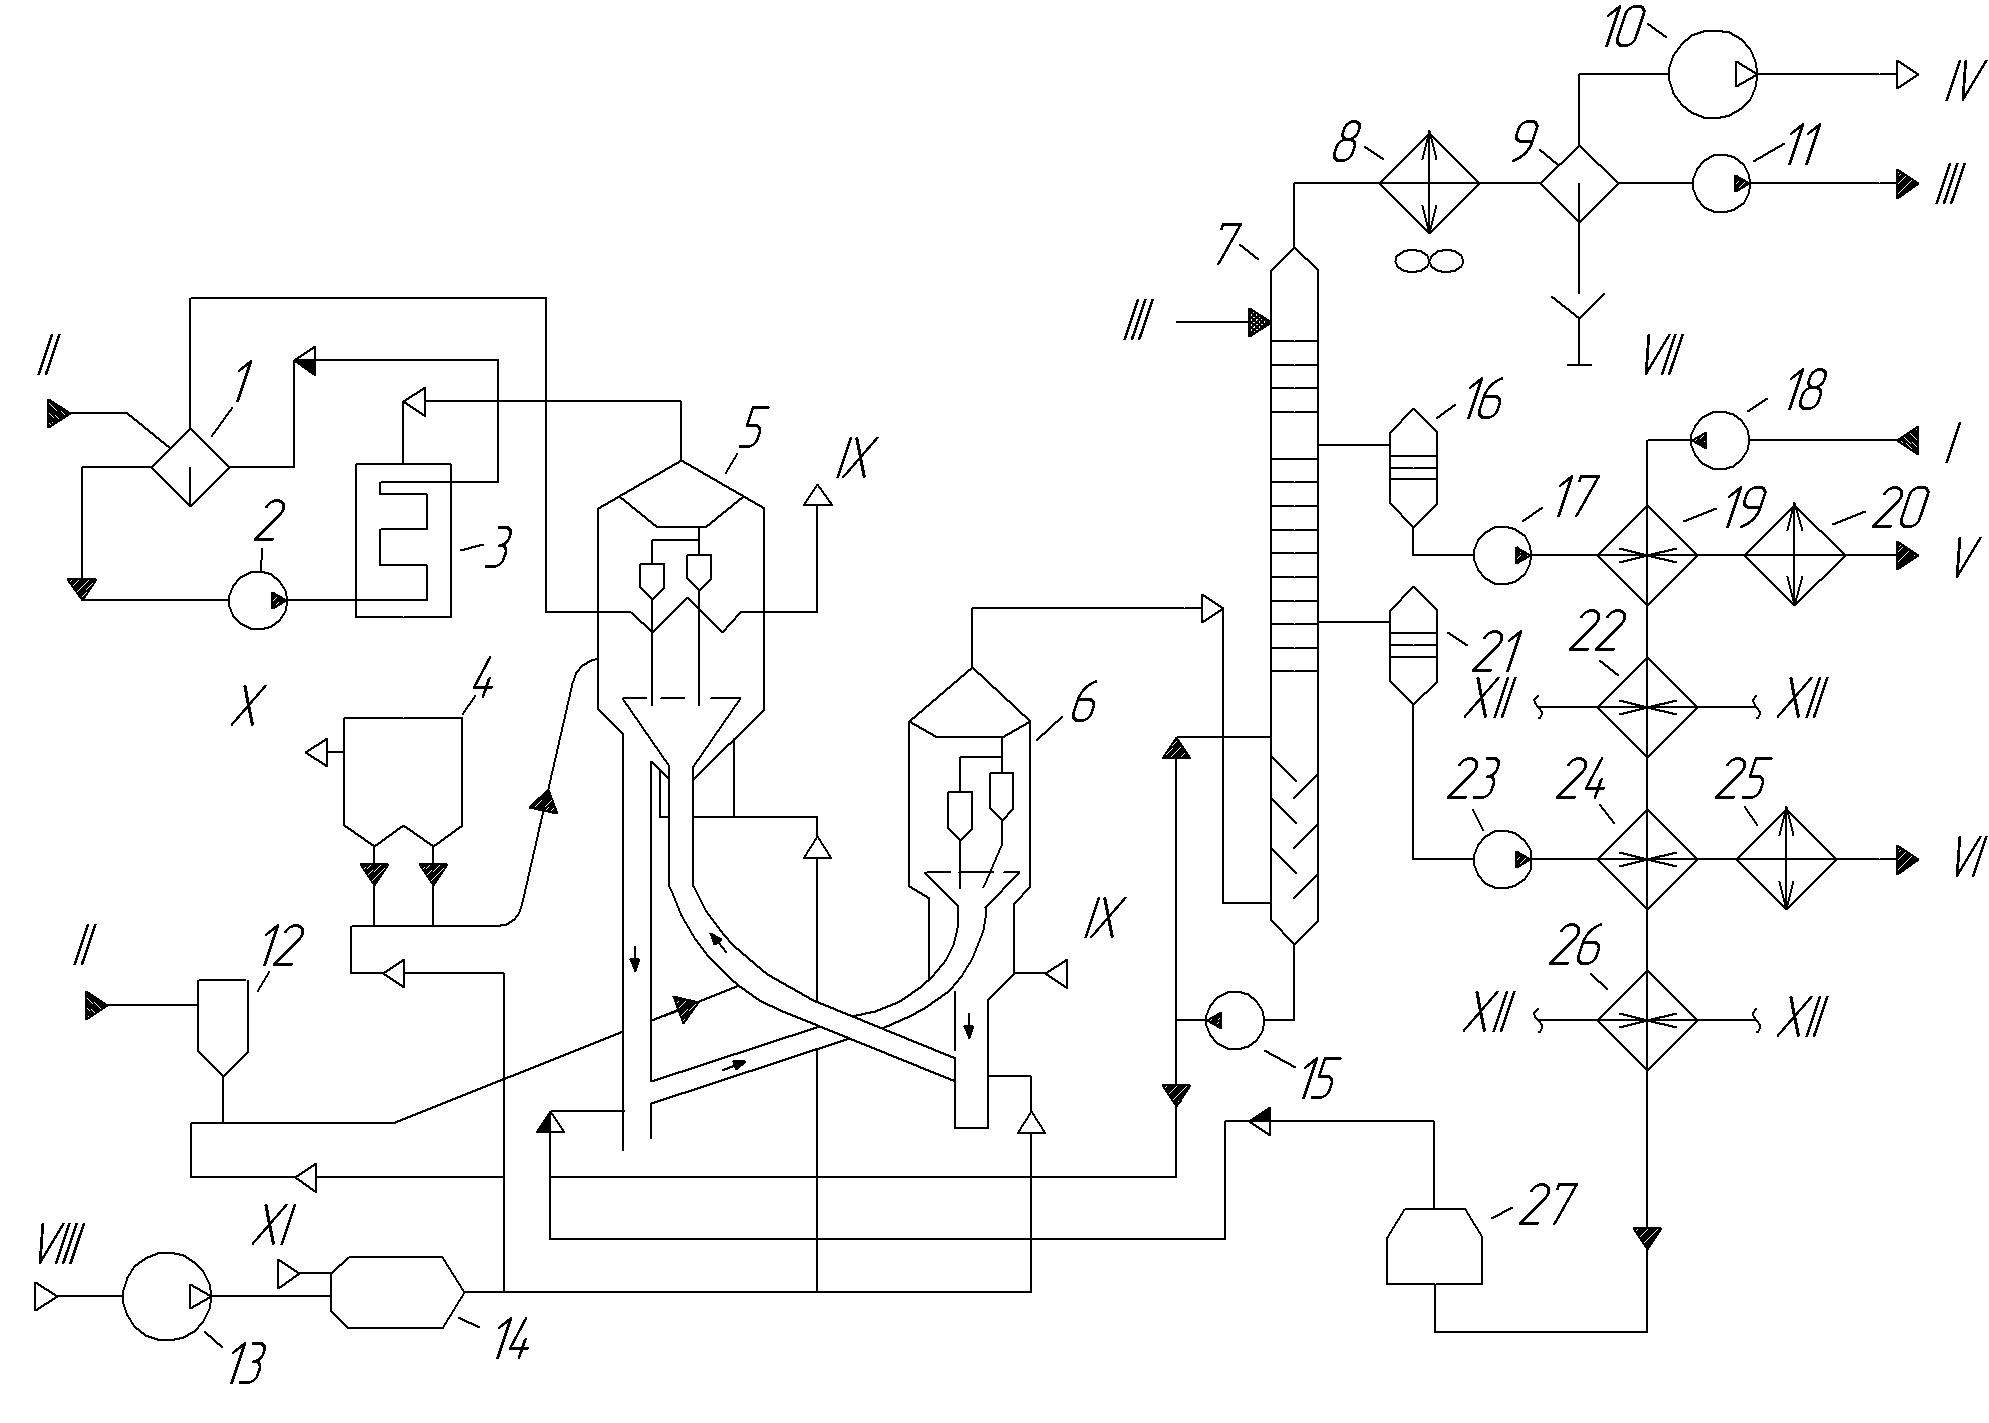 Принципиальная технологическая схема каталитического крекинга с микросферическим катализатором